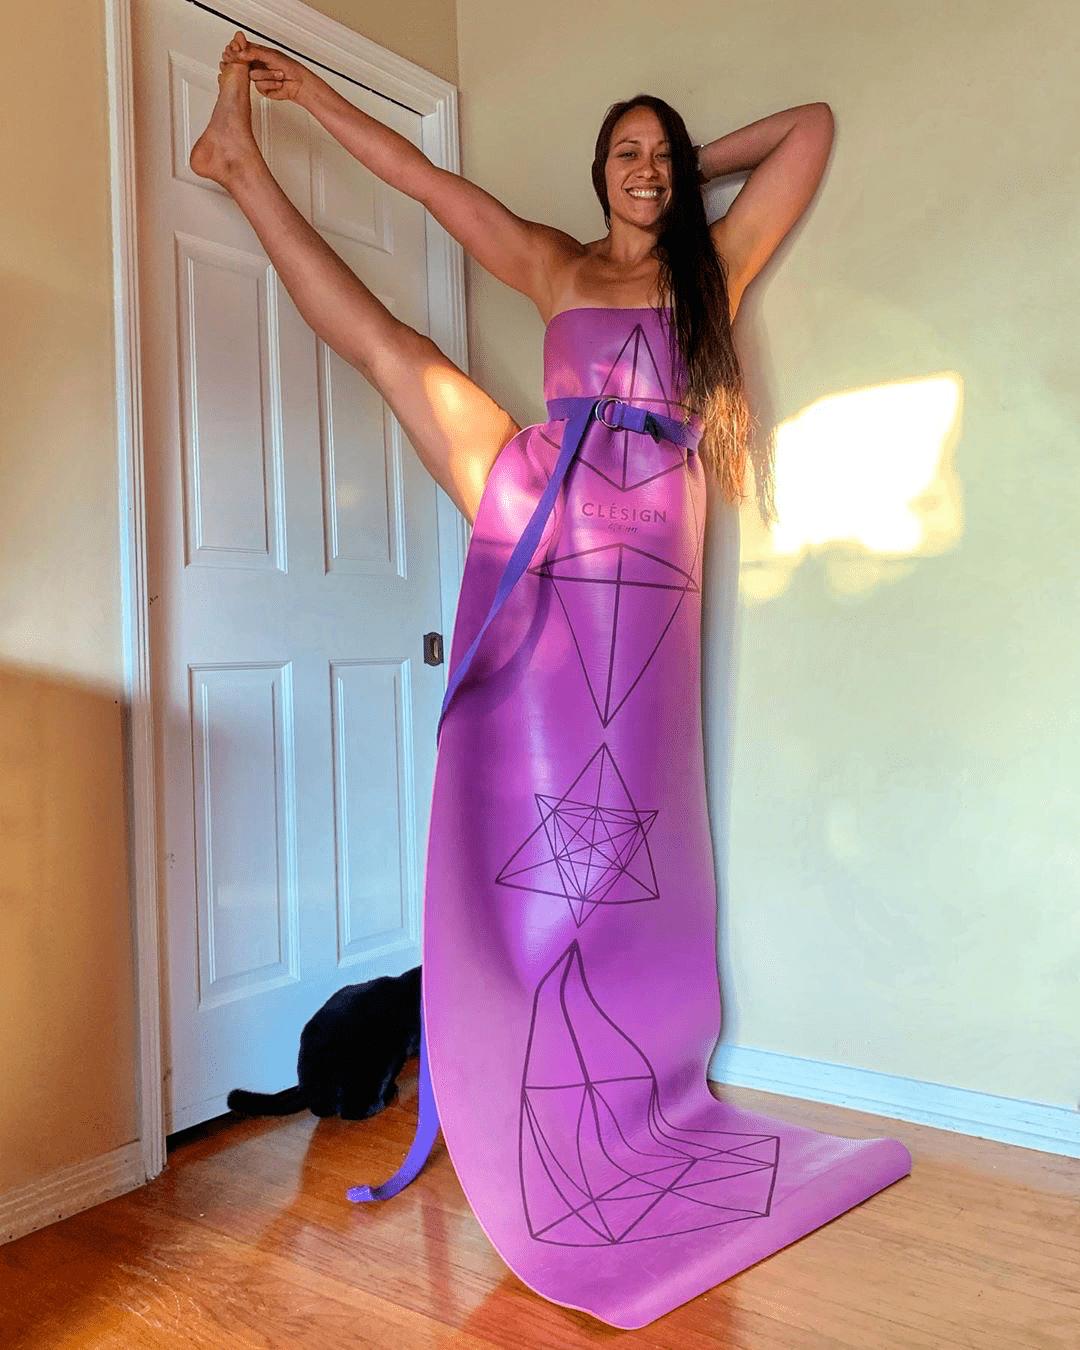 INS上爆火的#瑜伽变装秀#,瑜伽人真是太会玩了!_枕头 高级健身 第10张